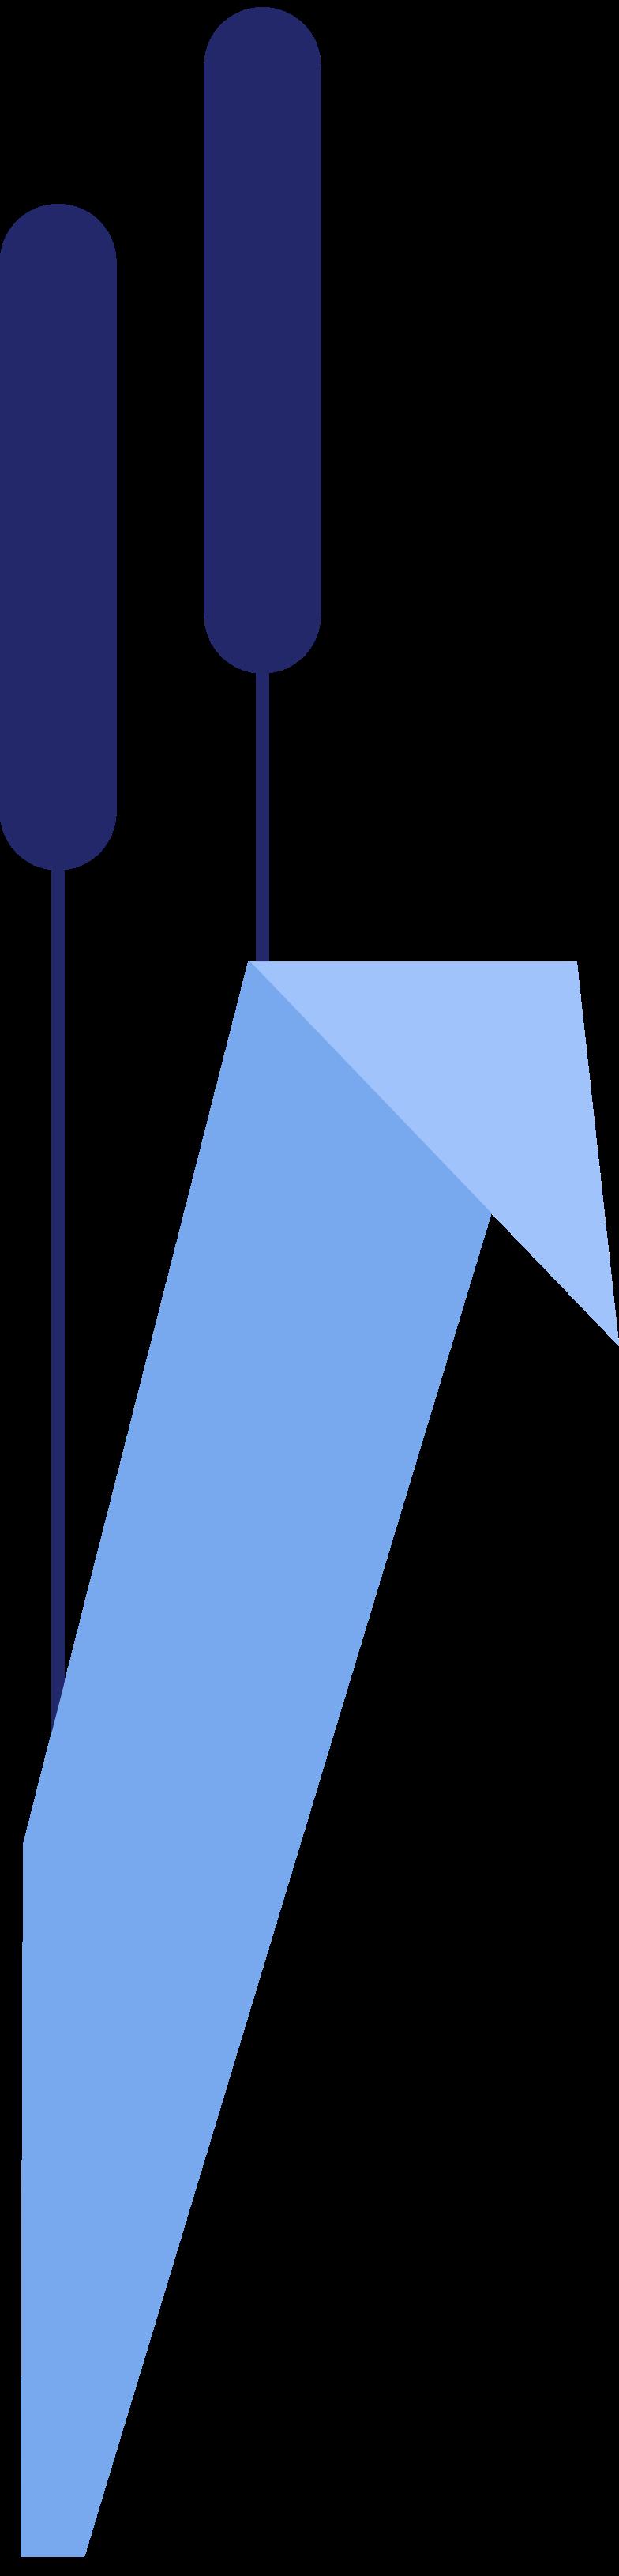 sedge Clipart illustration in PNG, SVG